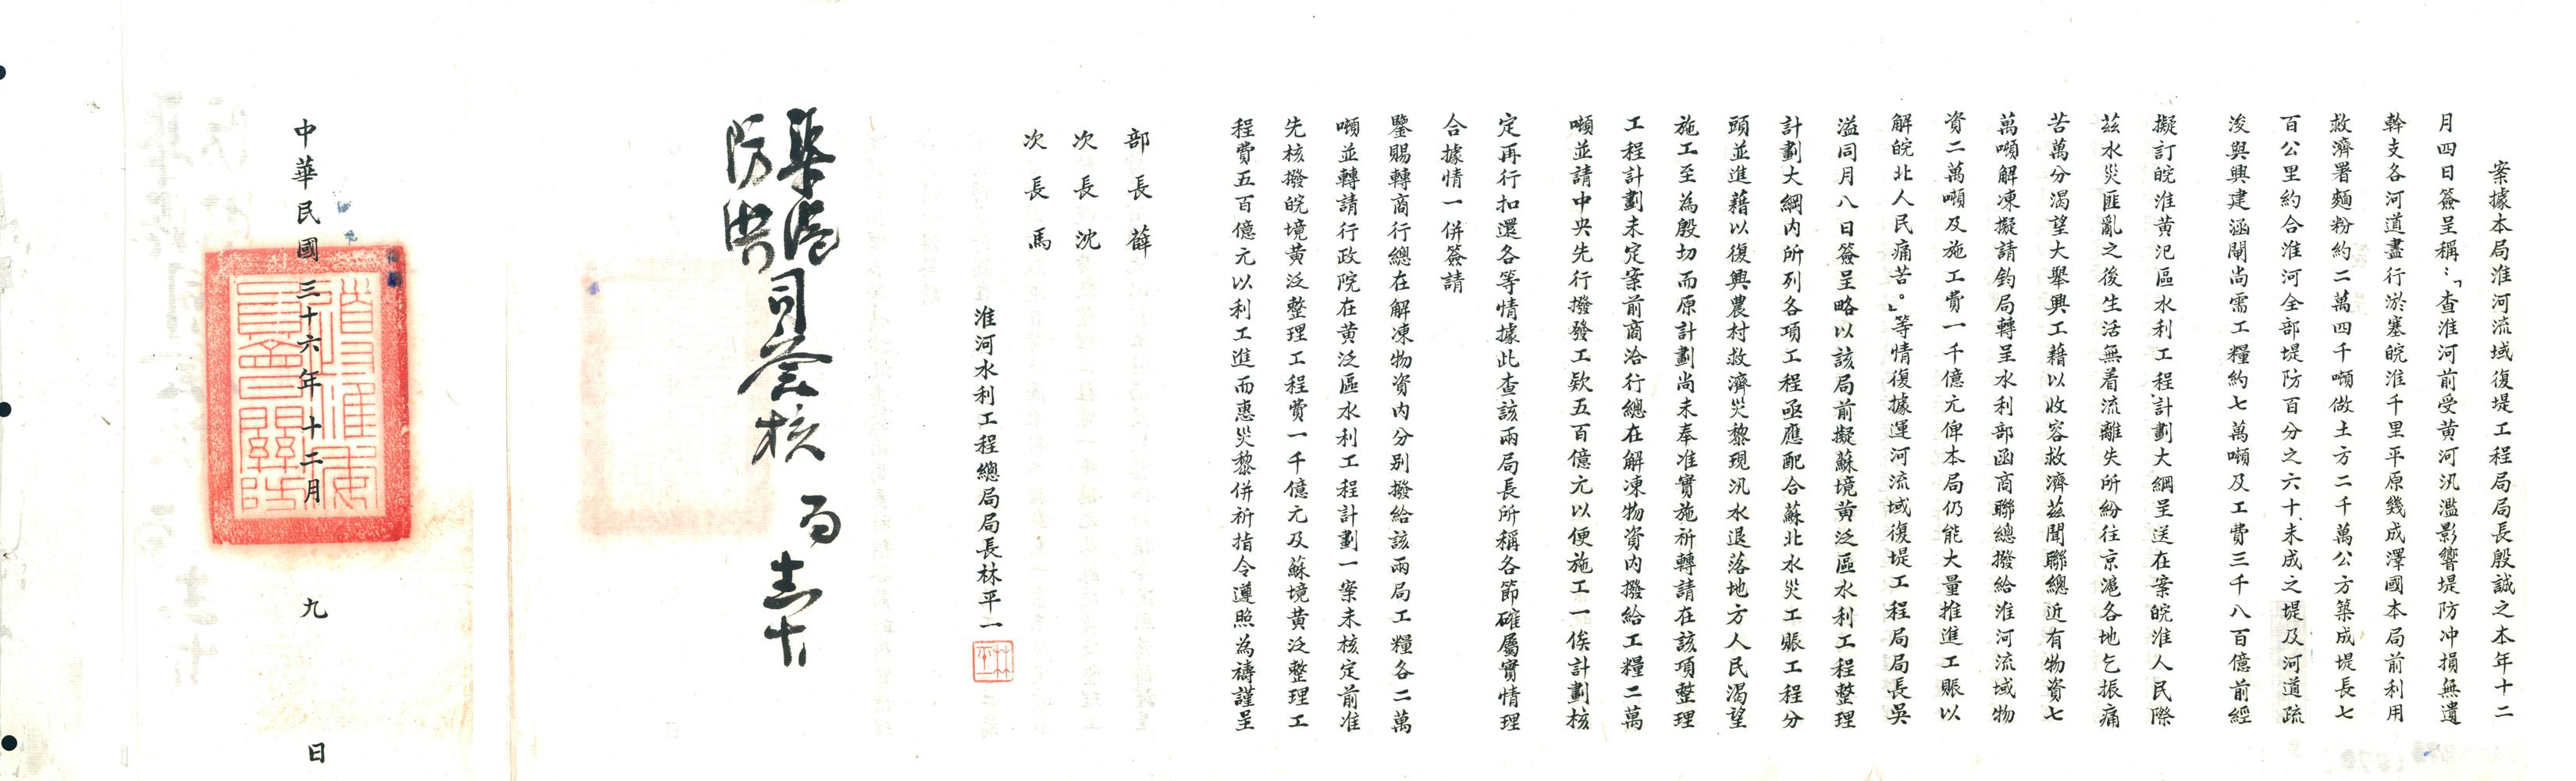 民國36年12月,淮河水利工程總局局長林平一簽呈